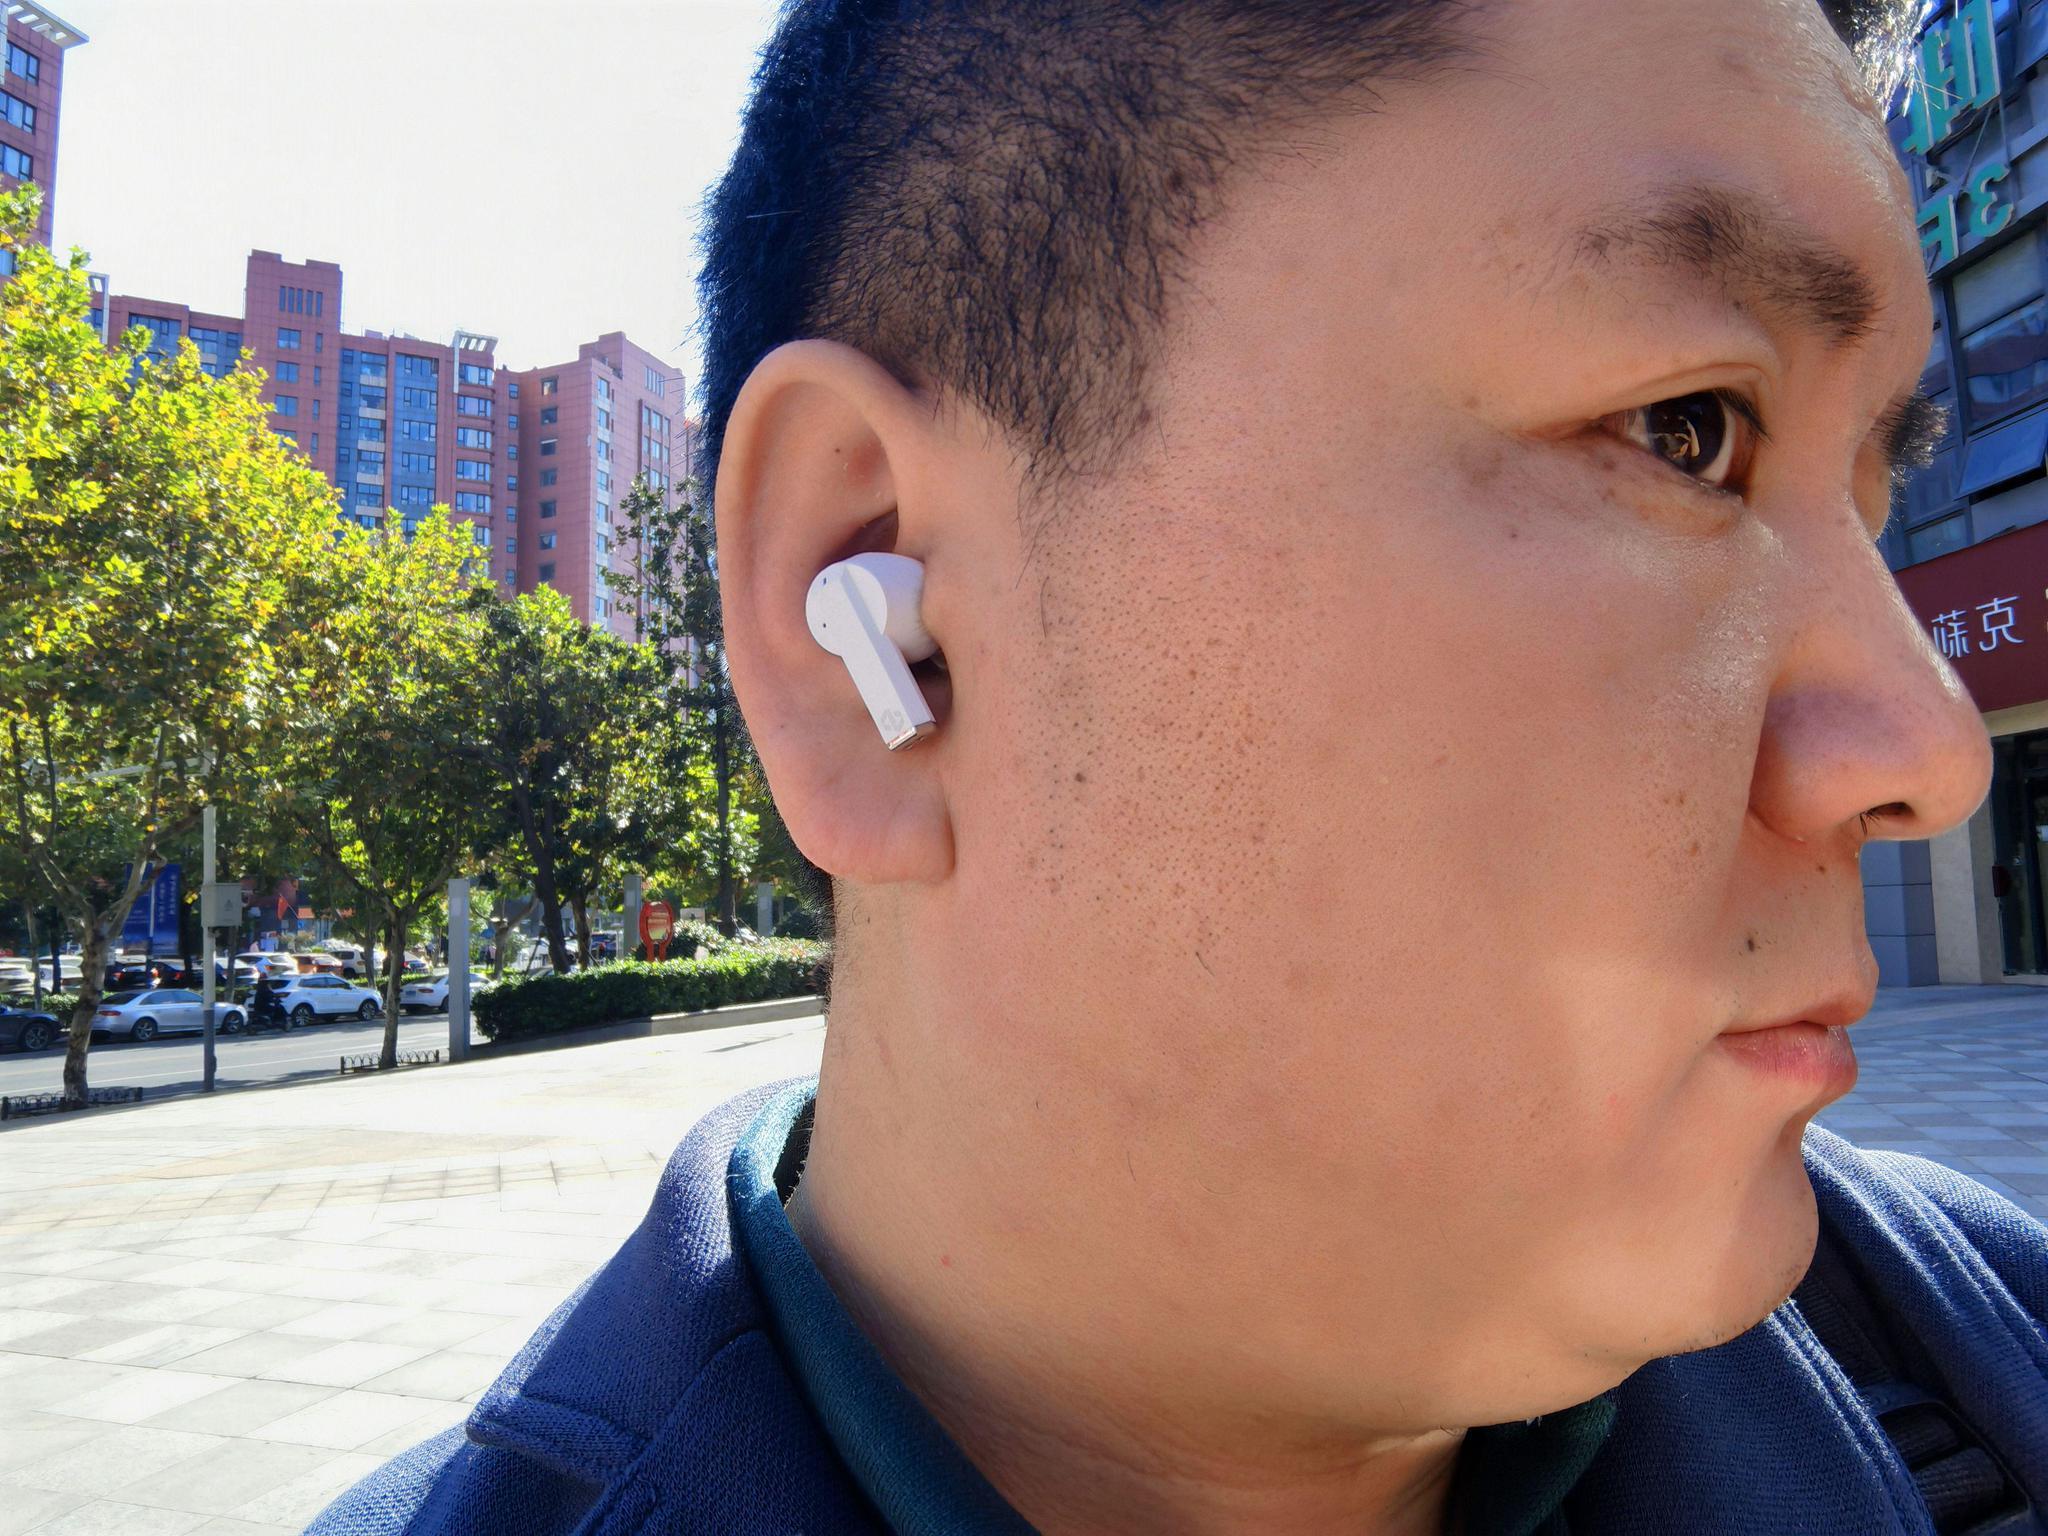 降噪可开关,打破圆润设计,dyplay棱角线条感耳机也是那么美